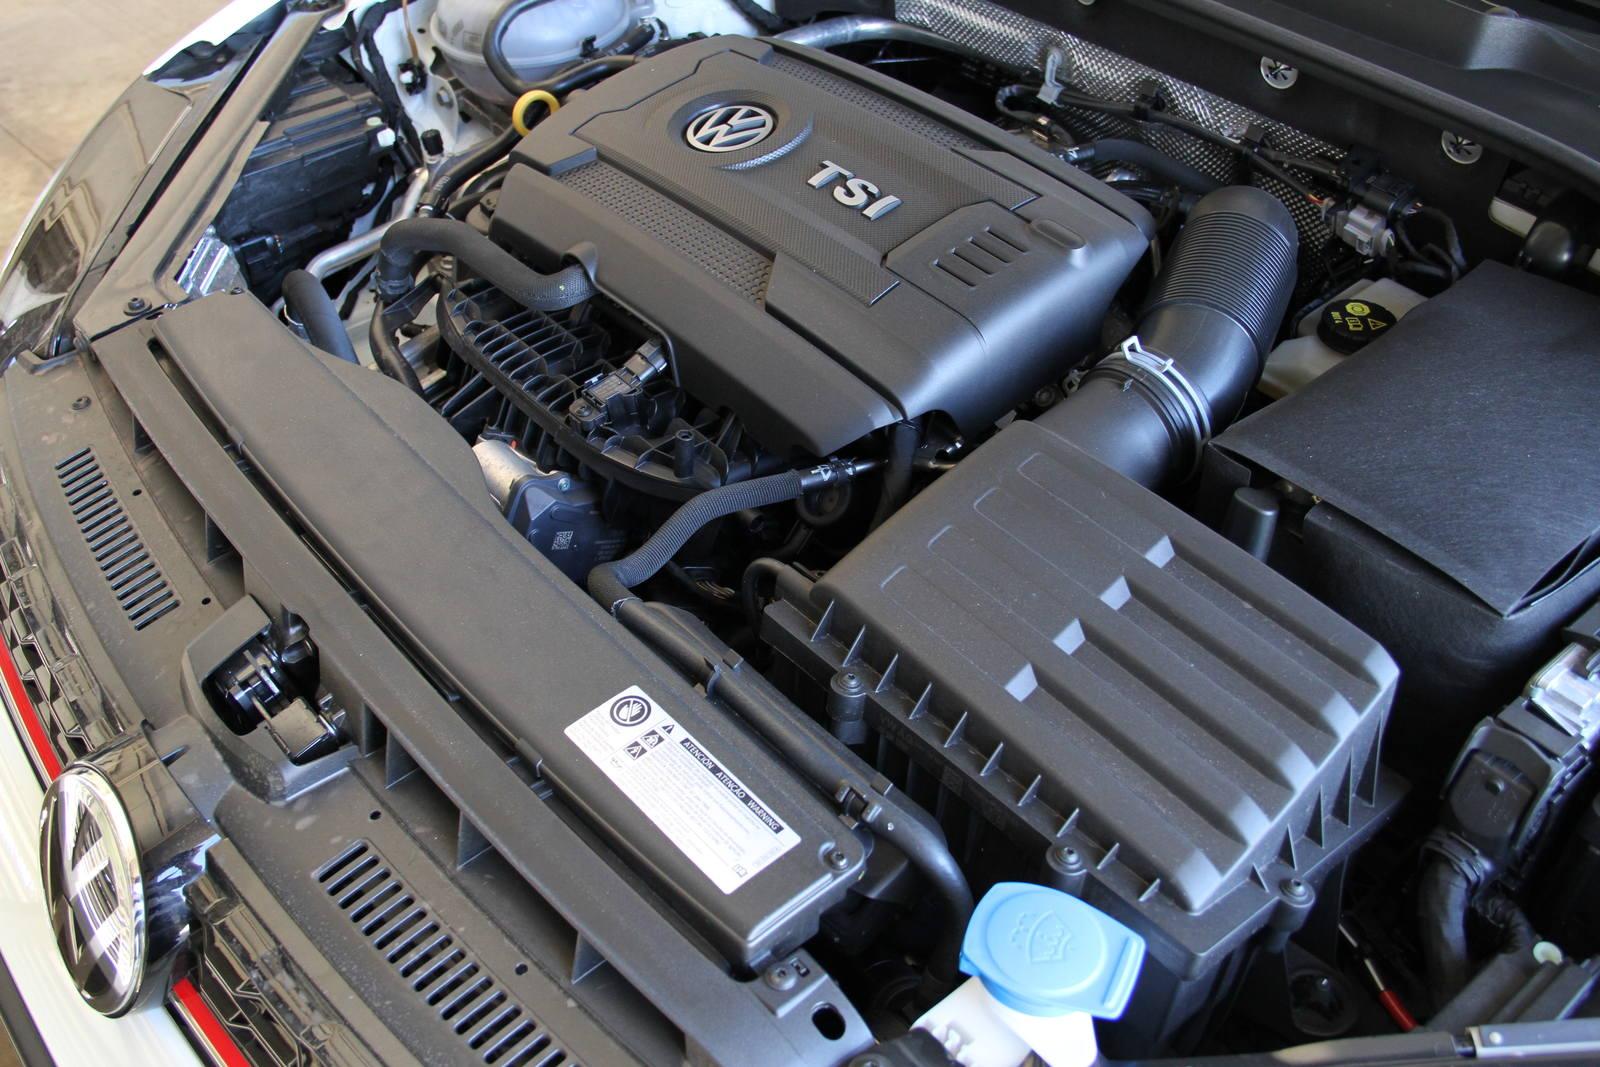 Motor 2.0 do VW Golf GTI tem tecnologias como turbo e injeção direta